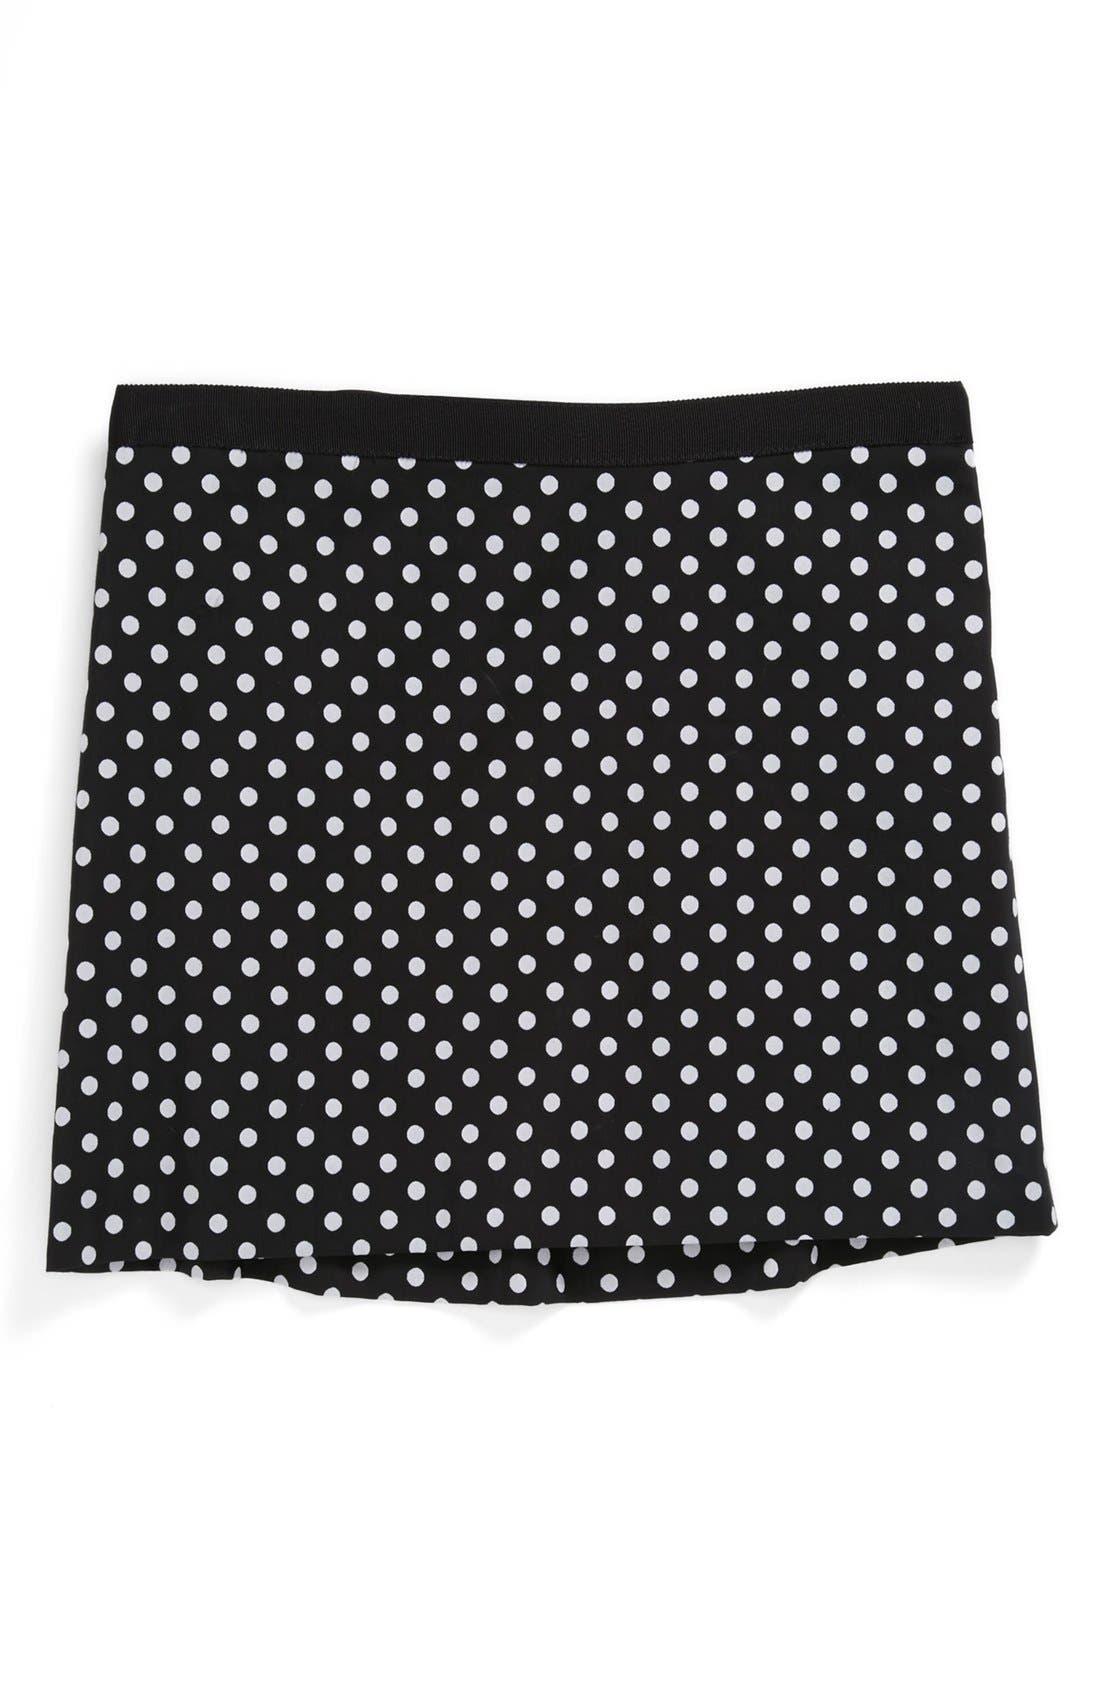 Alternate Image 1 Selected - Milly Minis Polka Dot Skirt (Toddler Girls, Little Girls & Big Girls)